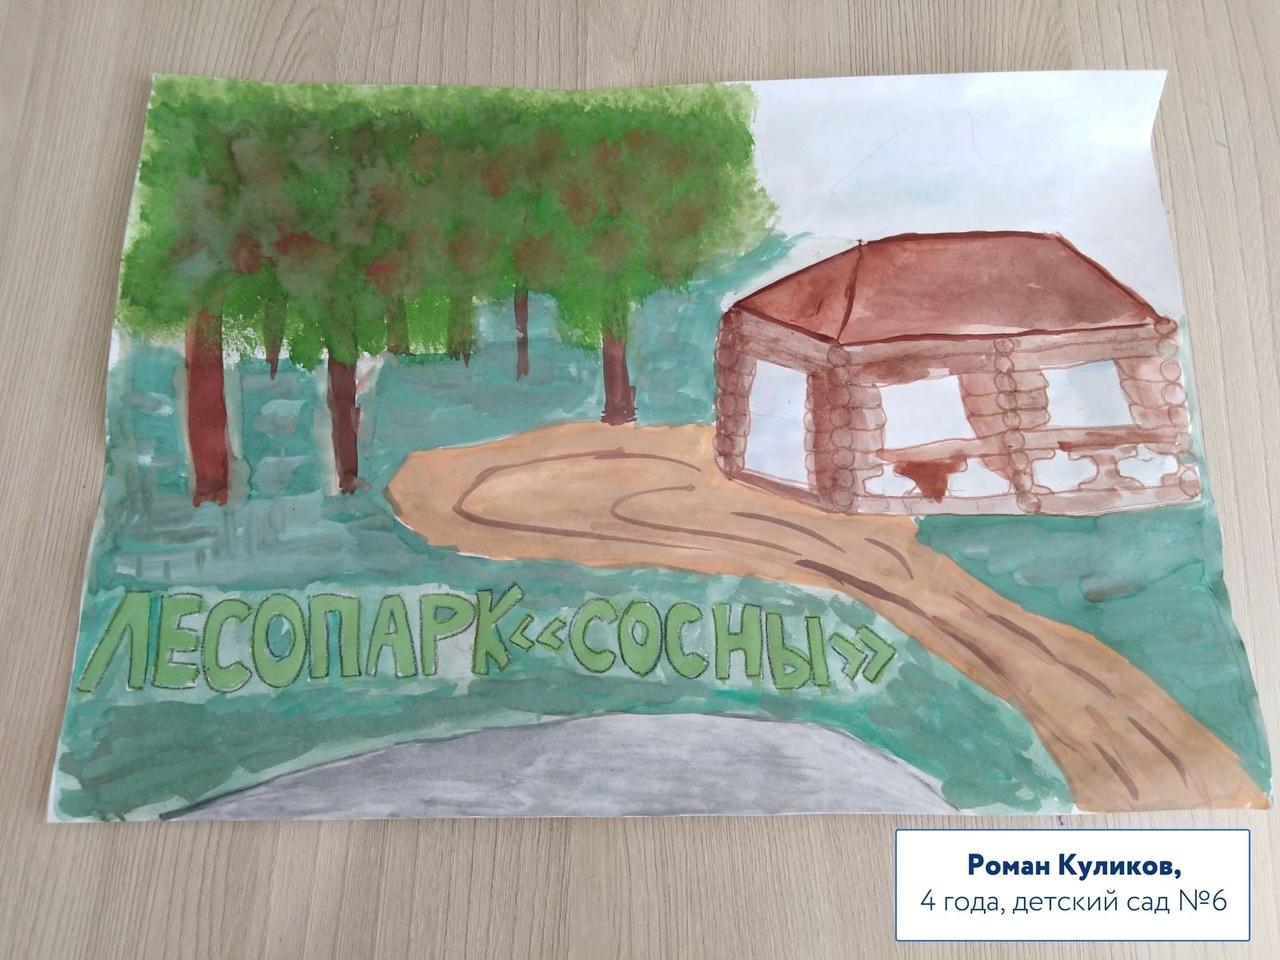 Продолжается редакционный конкурс детских рисунков «Мой Петровск», посвящённый 322-летию нашего города